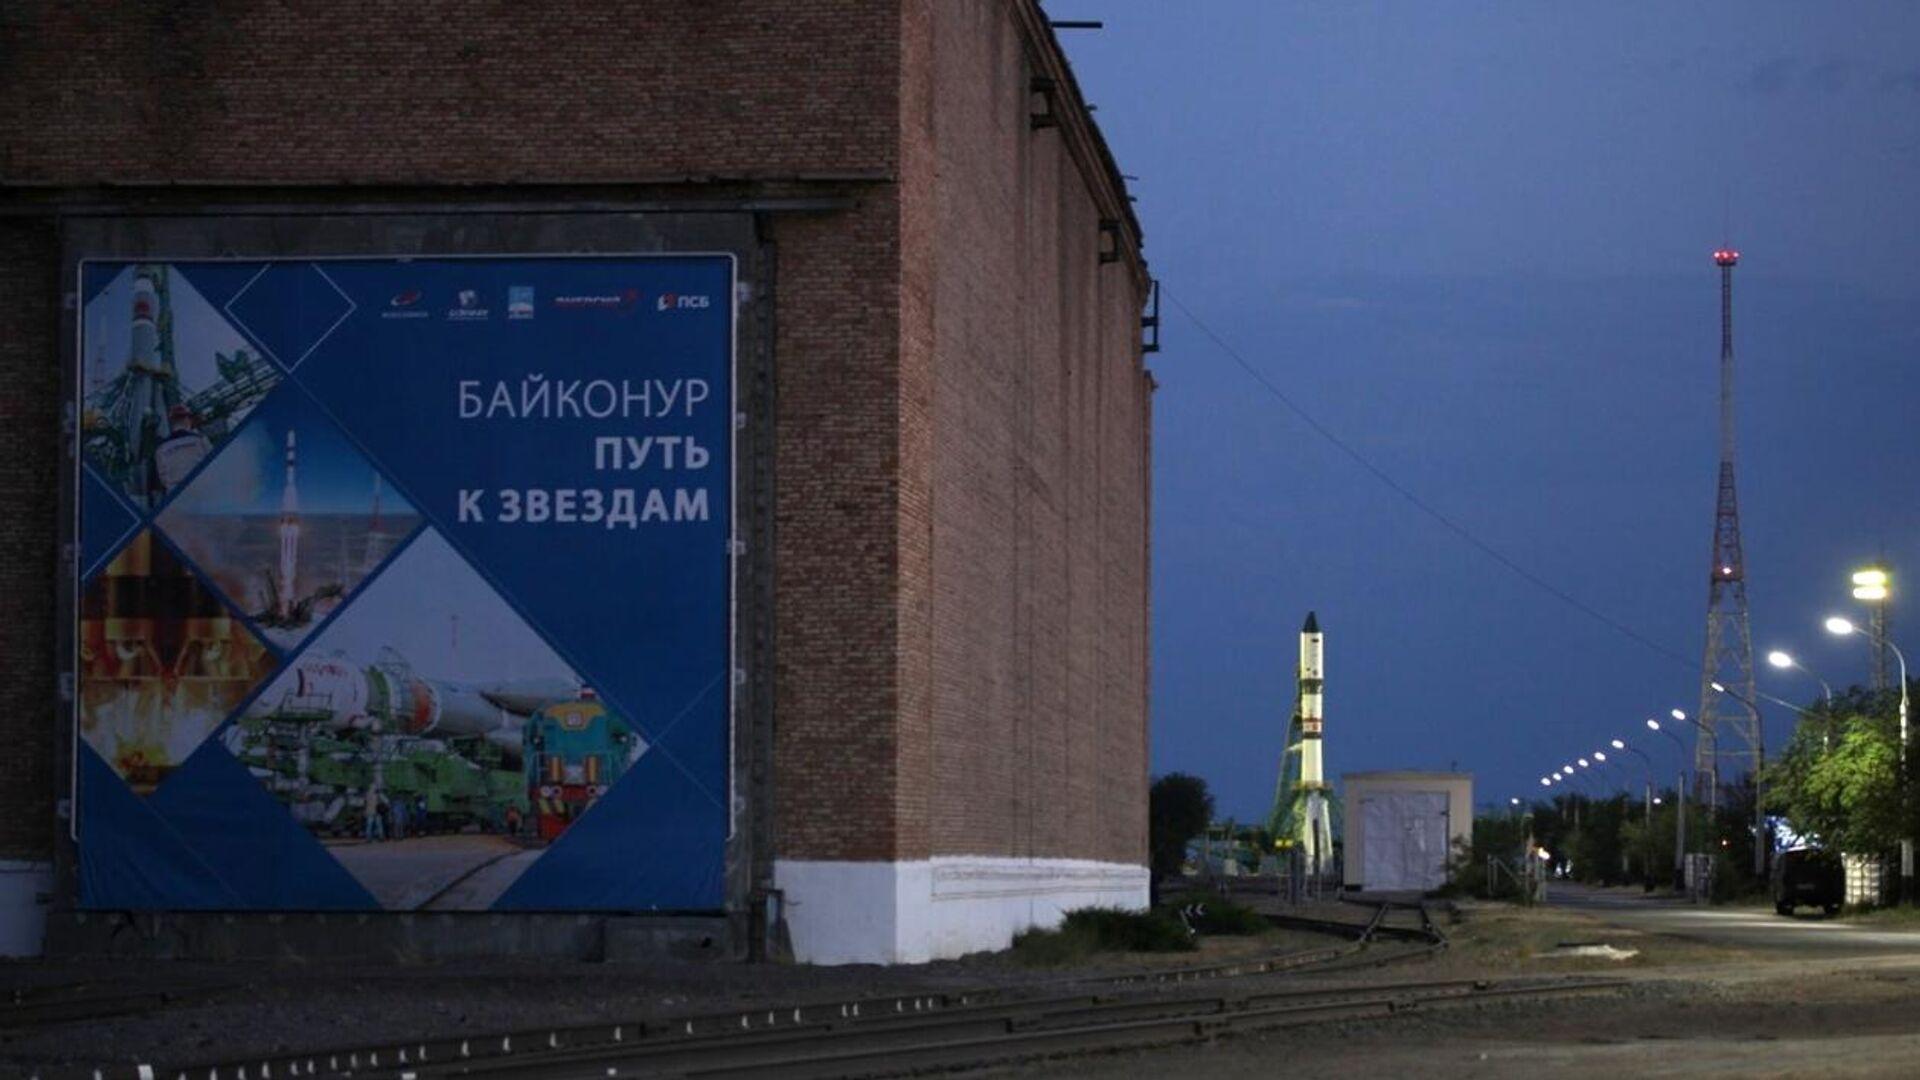 Путин рассказал о сотрудничестве с Казахстаном на Байконуре